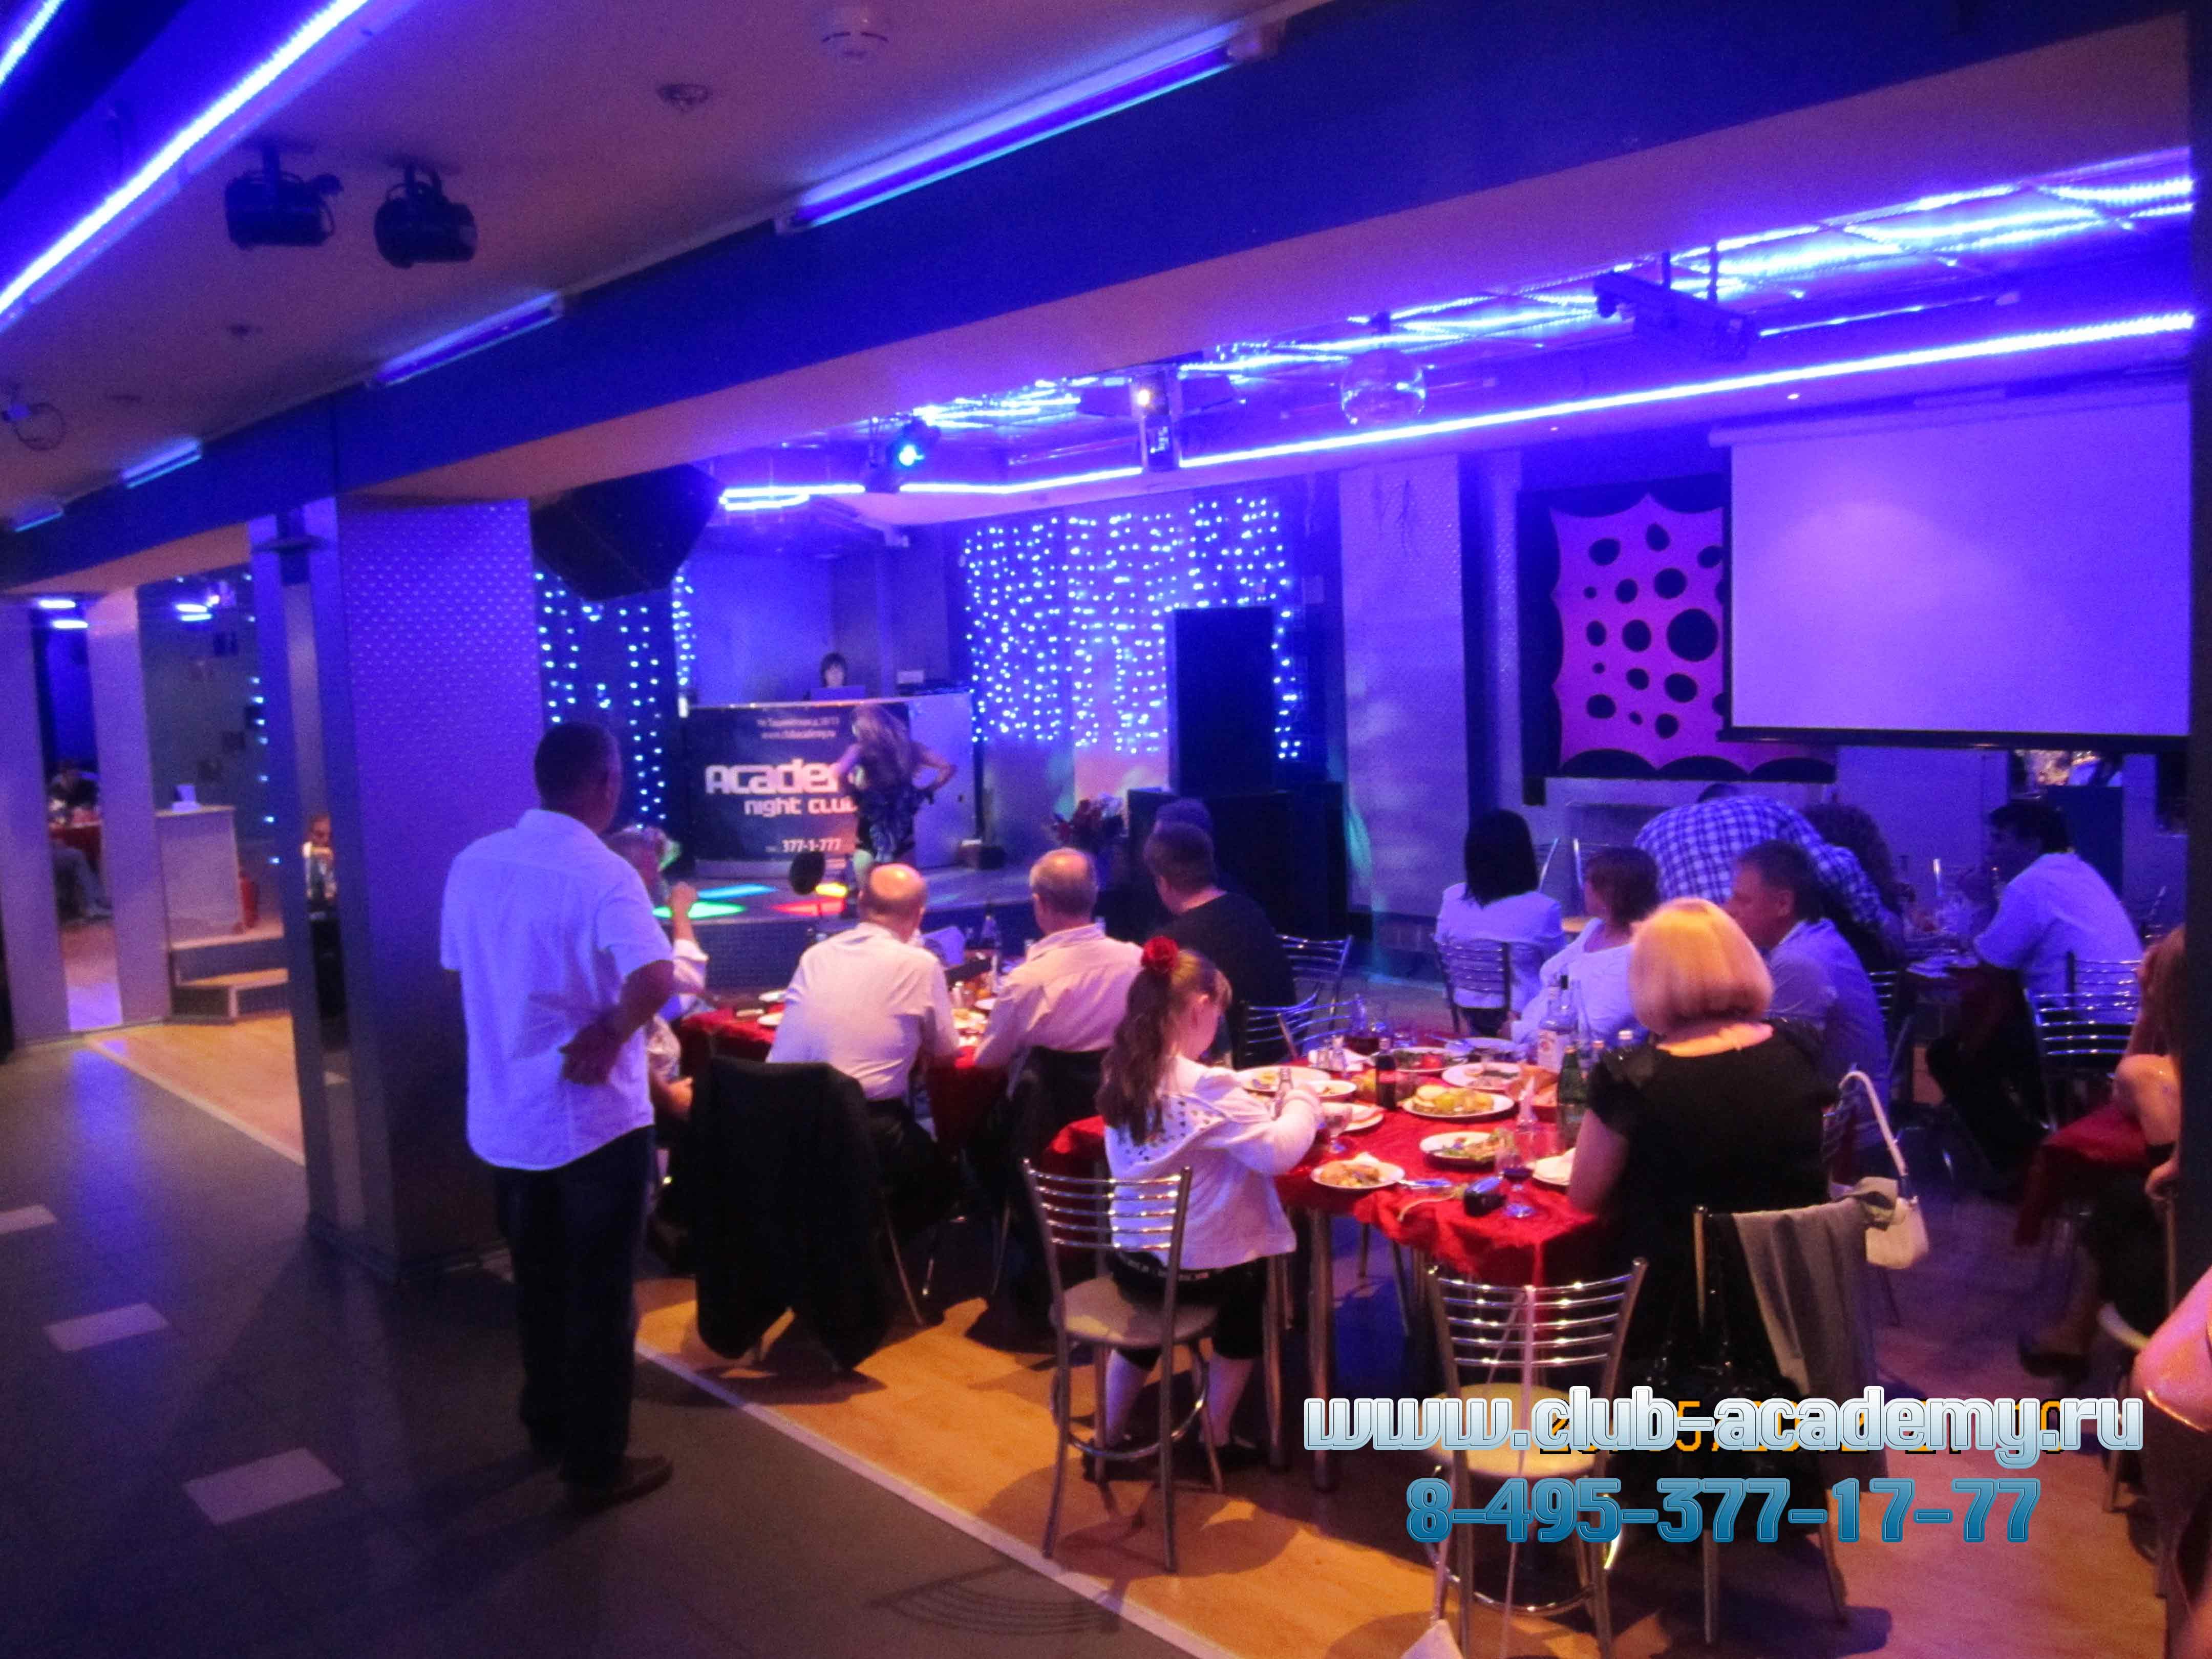 Фото куни в ночном клубе 14 фотография